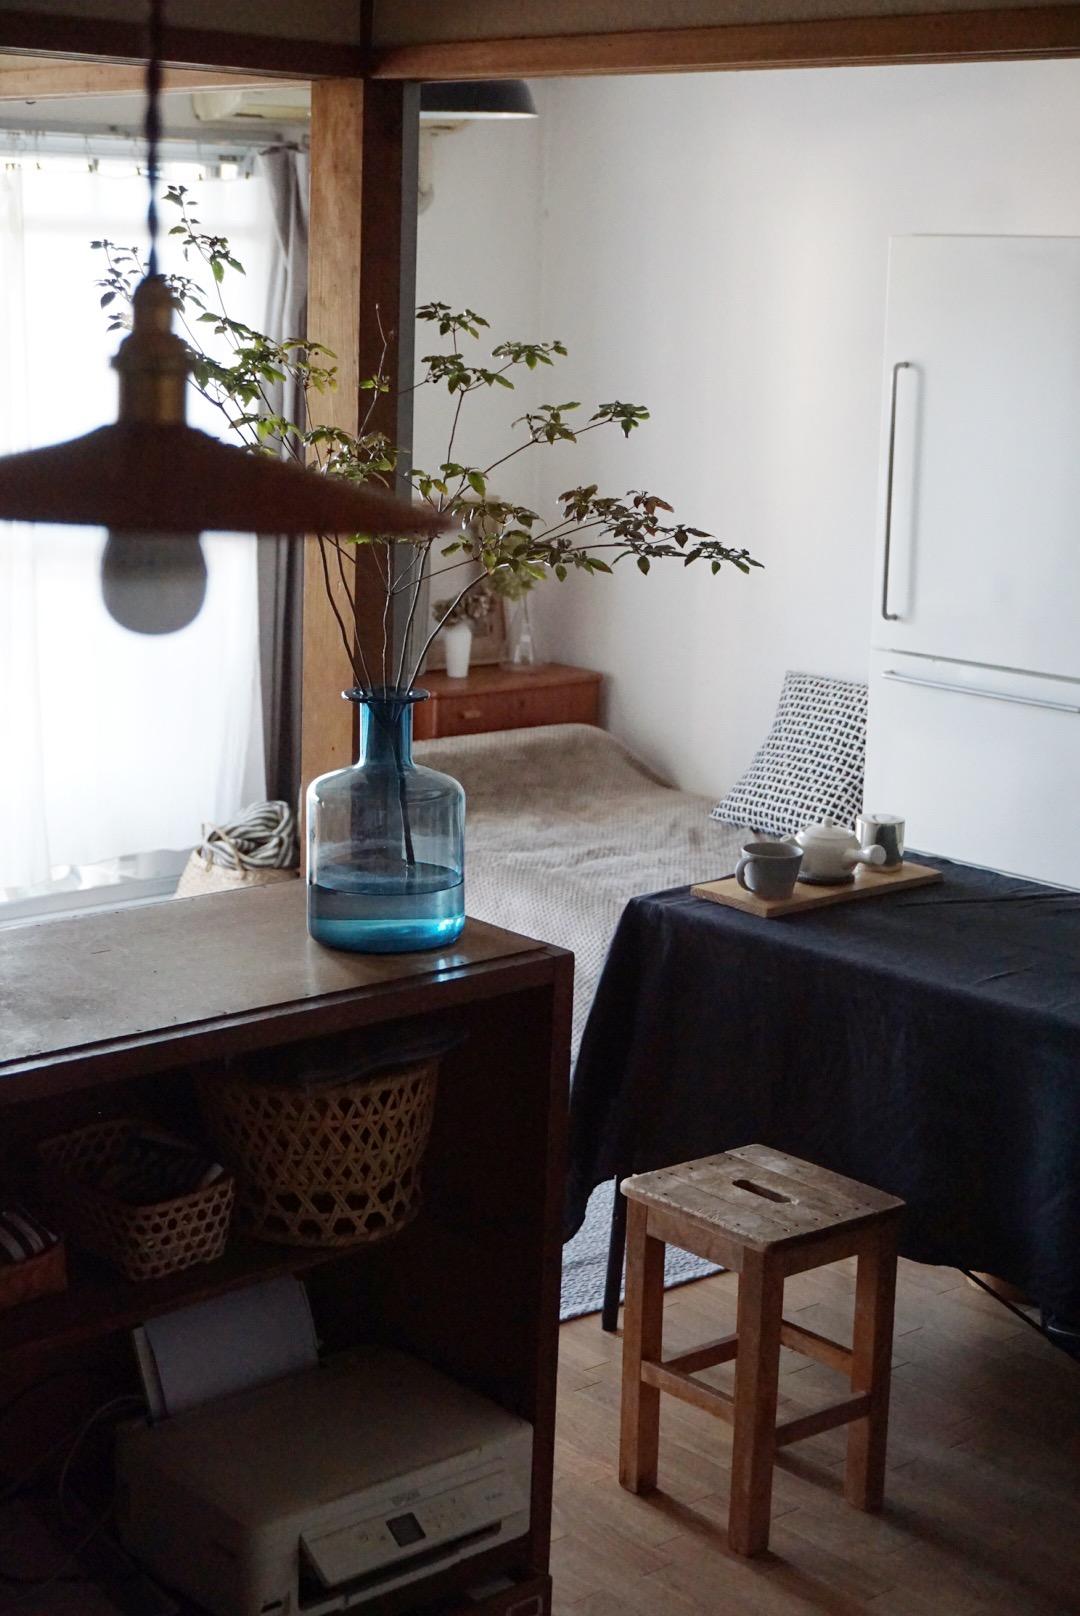 おおのさんのお部屋で印象的なのは、ちょっとレトロな団地風のお部屋に、古道具屋さんの家具がとてもうまく馴染んでいること。